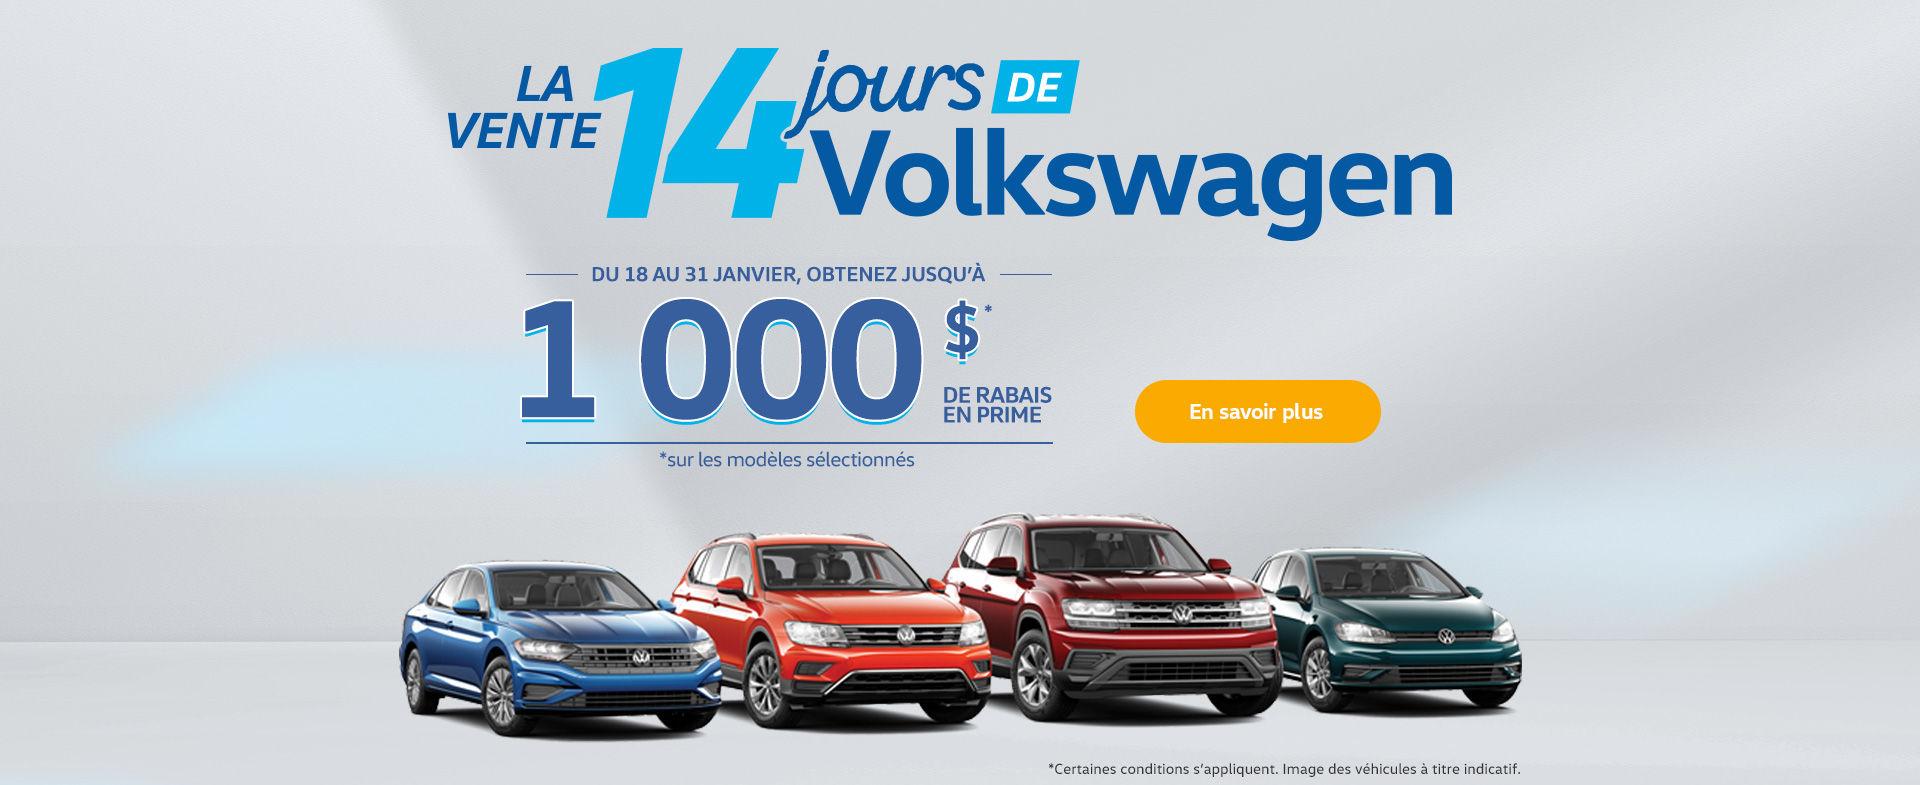 L'événement salon de l'auto Volkswagen!